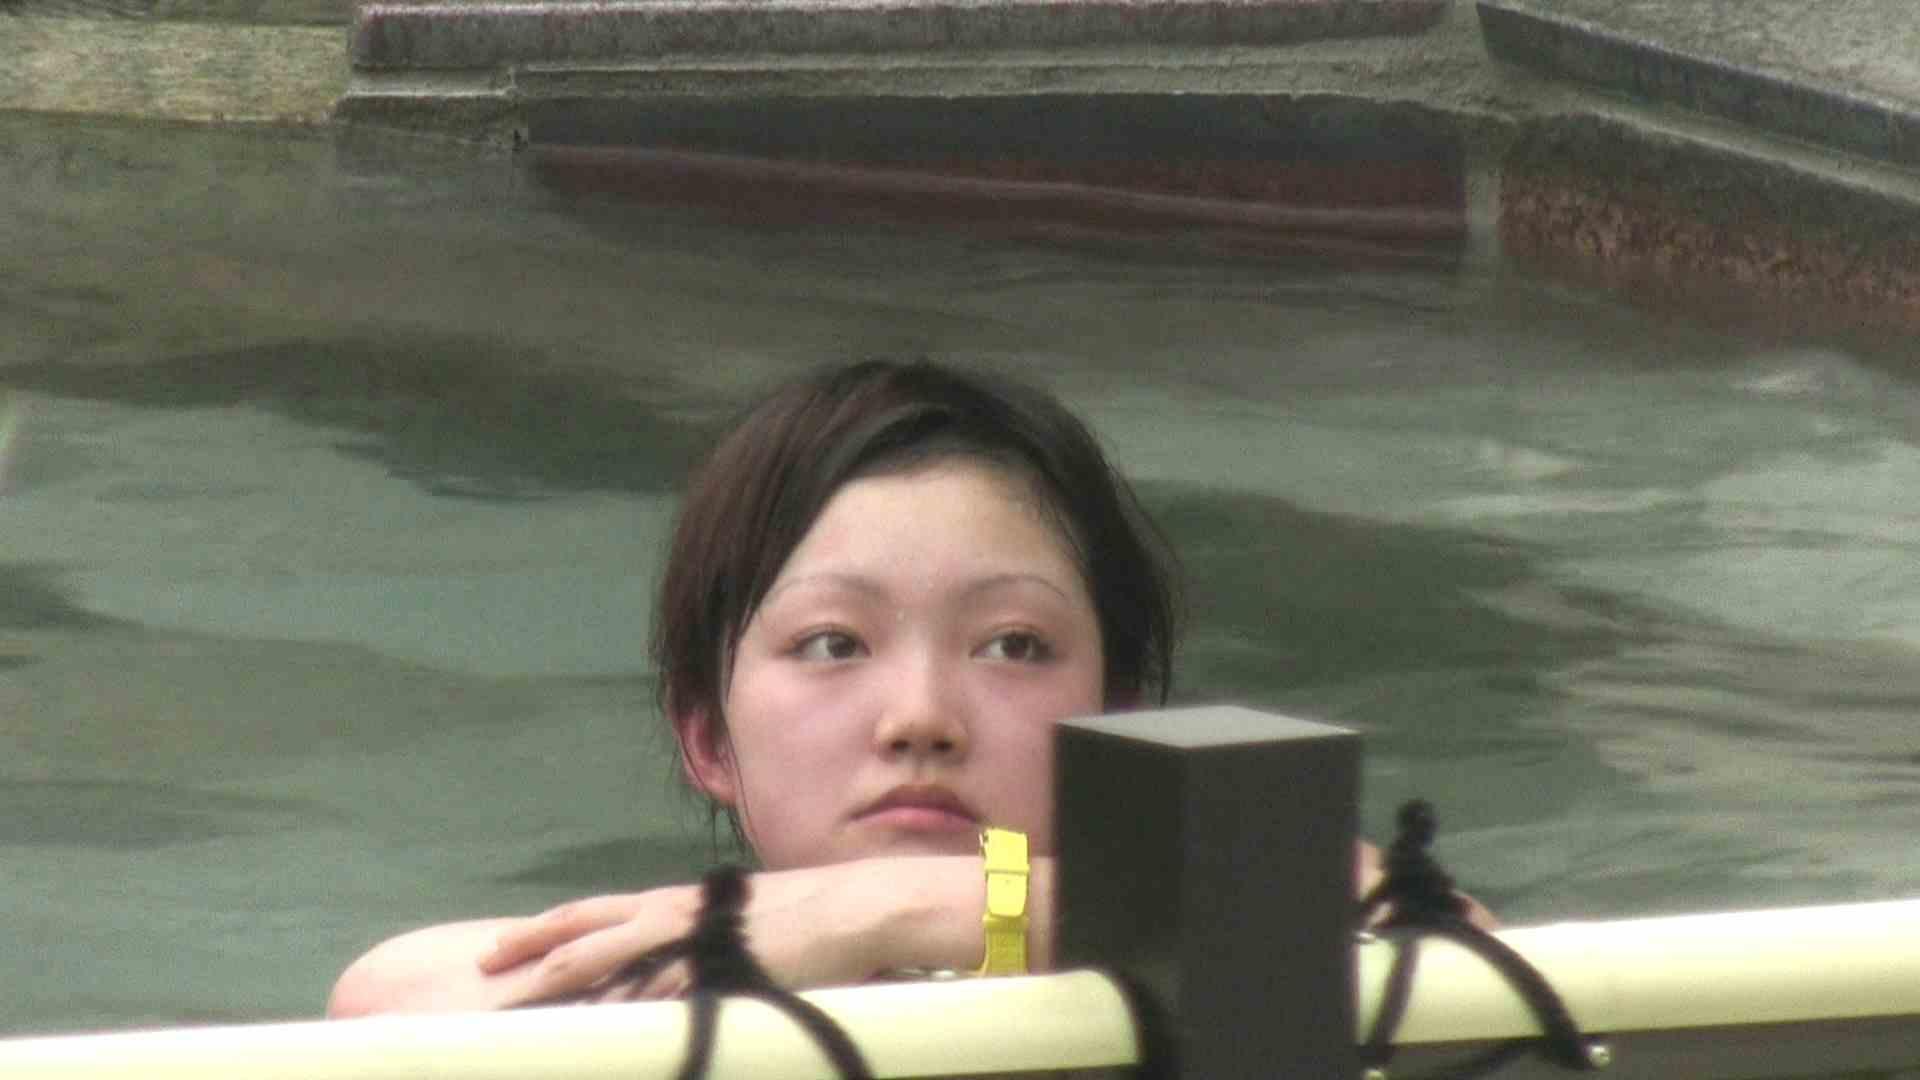 Aquaな露天風呂Vol.126 露天風呂 | 盗撮  72連発 37